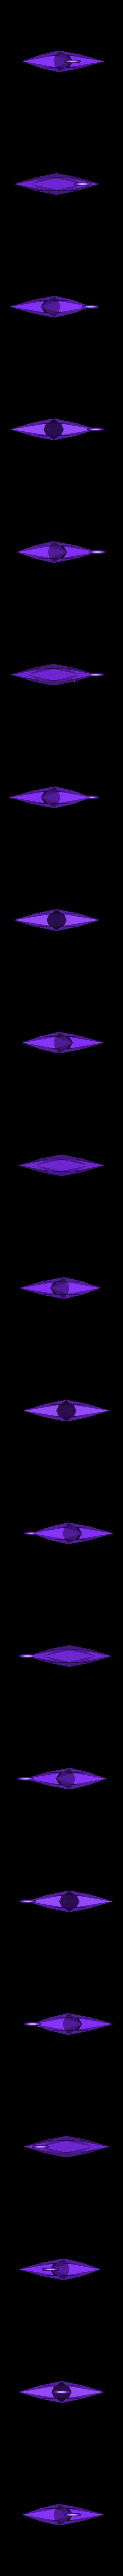 FacetedStar-Solid-Hanging.stl Télécharger fichier STL gratuit Décorations d'étoiles facettées • Design pour impression 3D, tone001